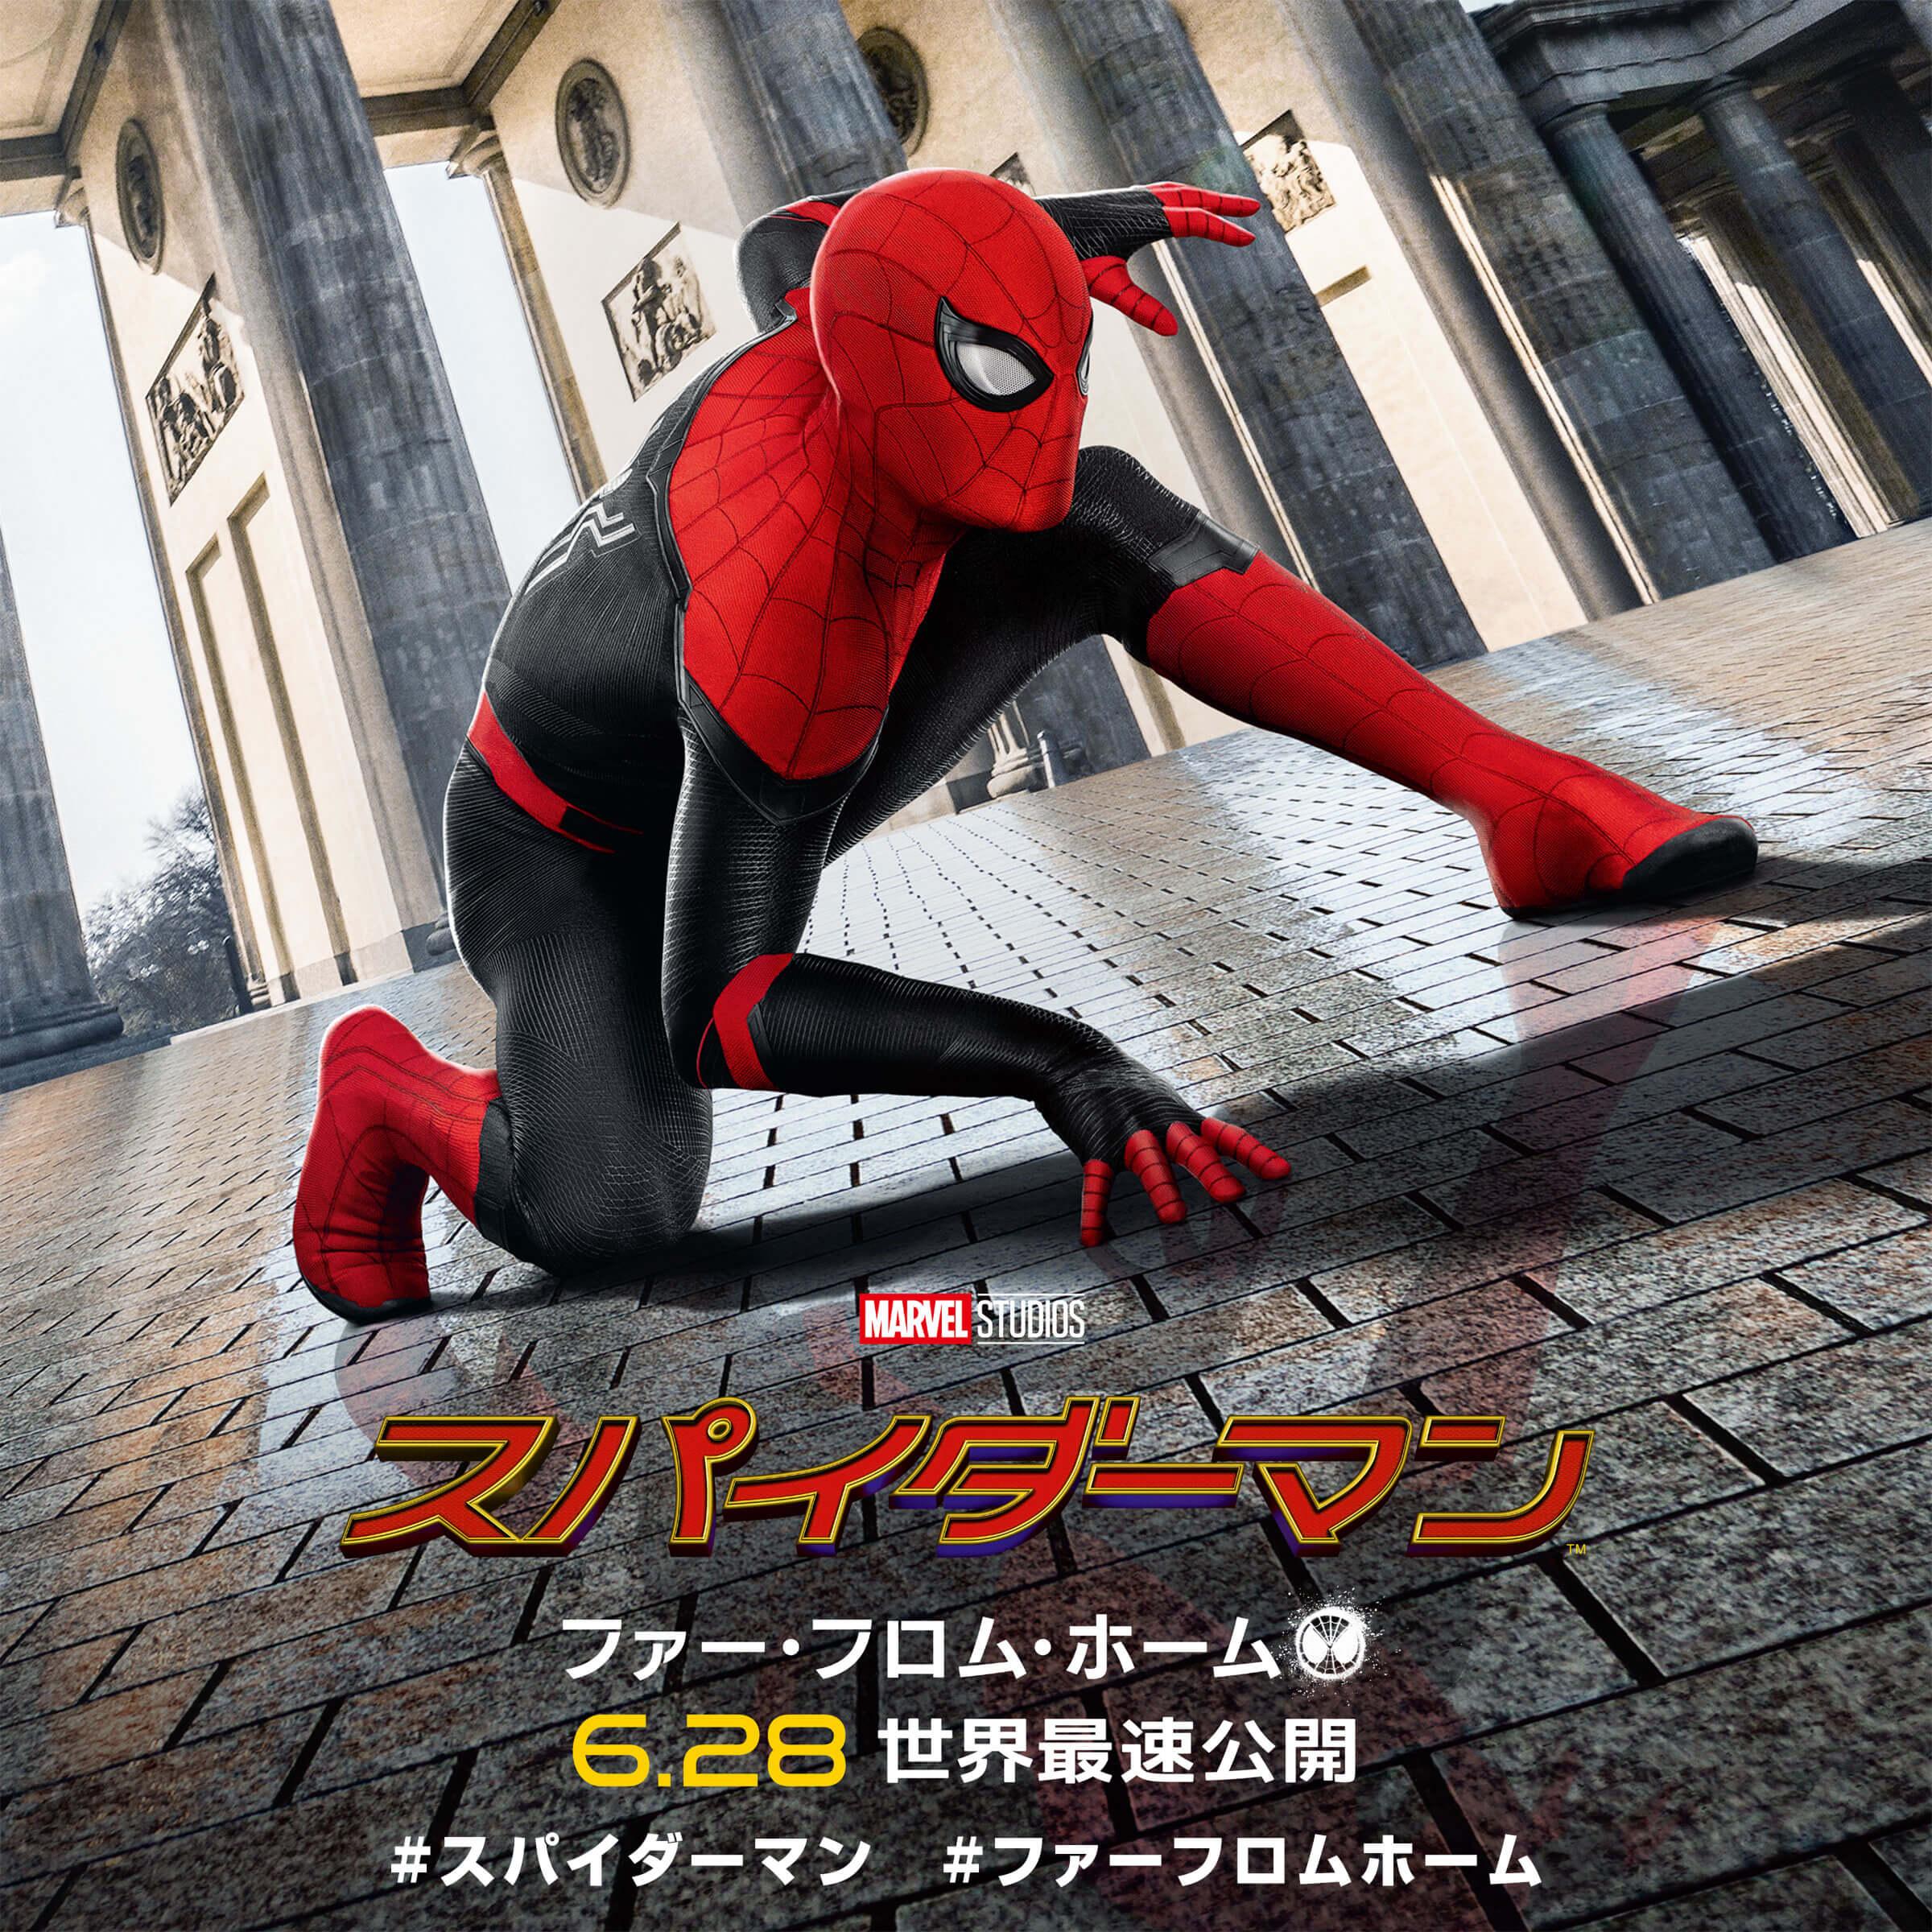 映画「スパイダーマン:ファー・フロム・ホーム」タイアップ